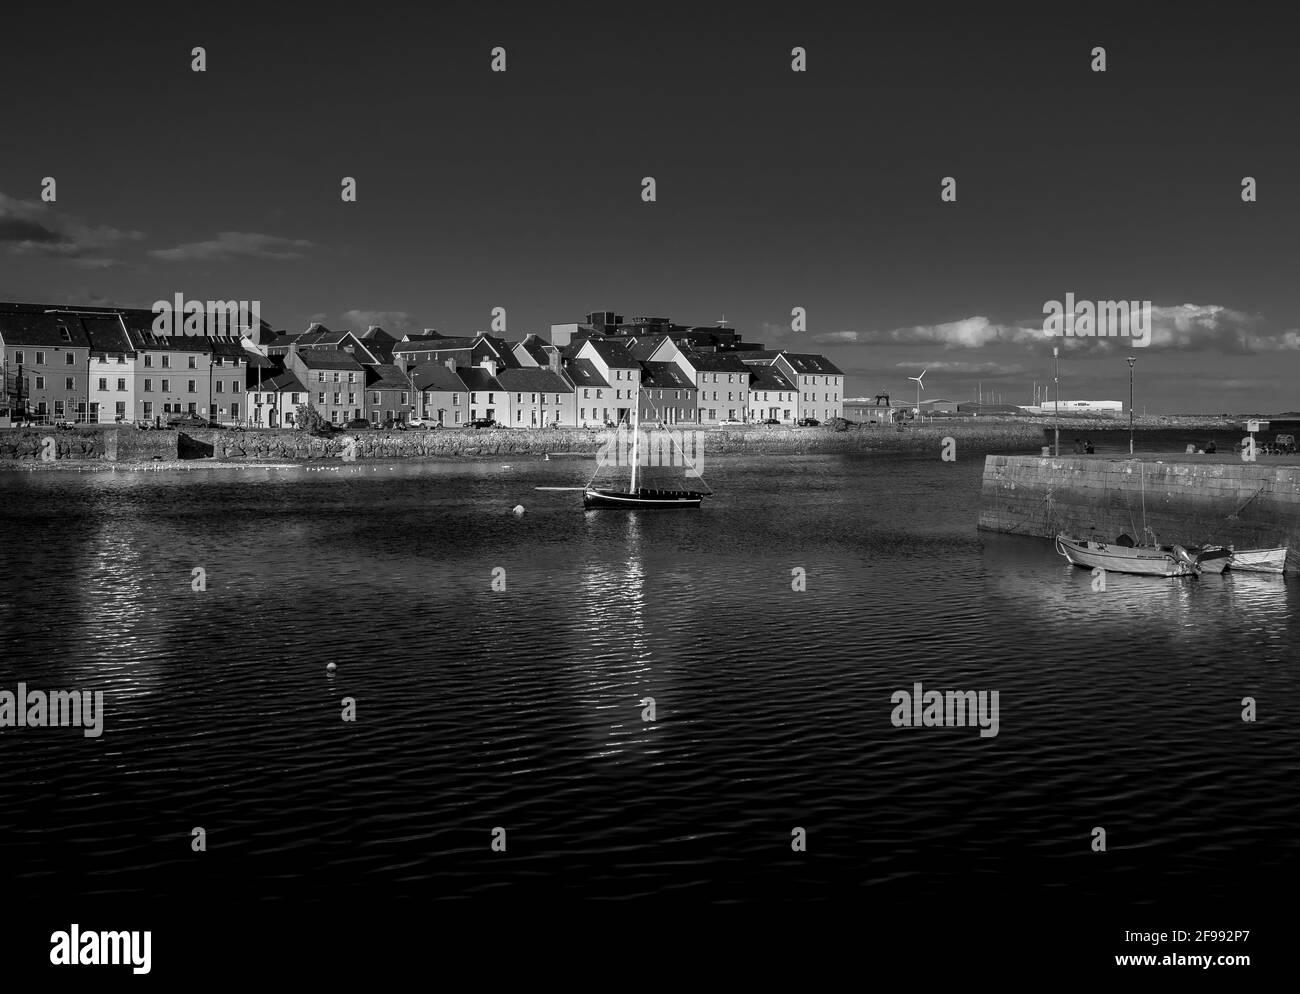 Claddagh Galway en Irlanda - Fotografía Artística Foto de stock